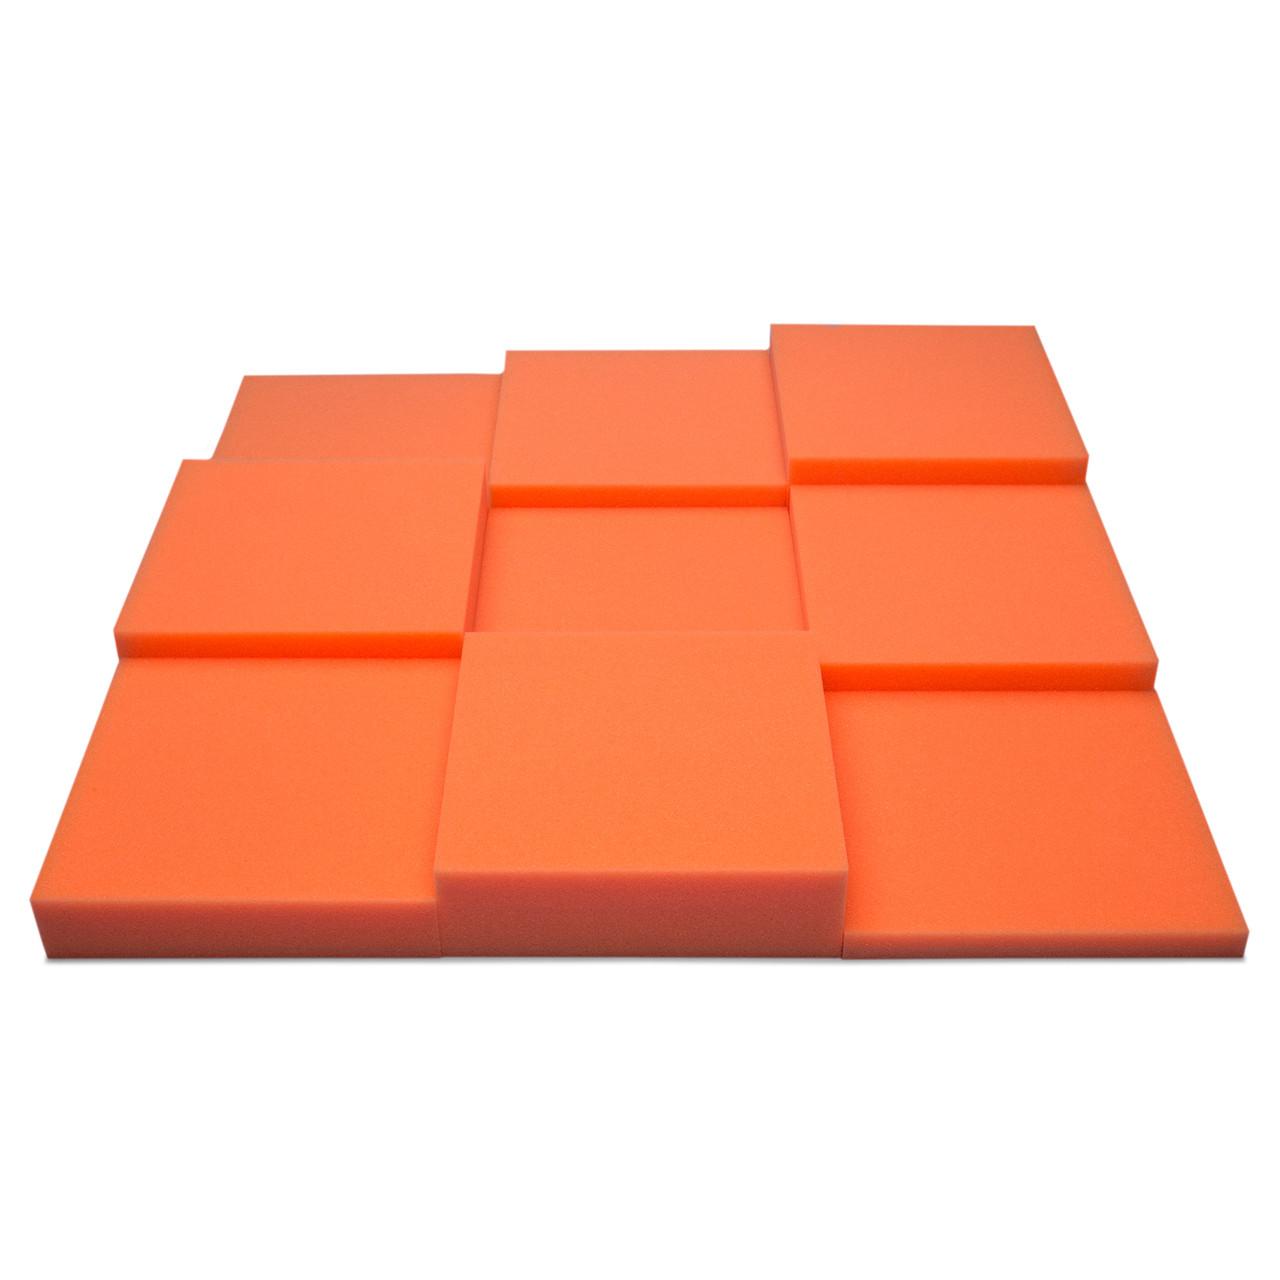 Панель из акустического поролона Ecosound Pattern Orange 60мм, 60х60см цвет оранжевый